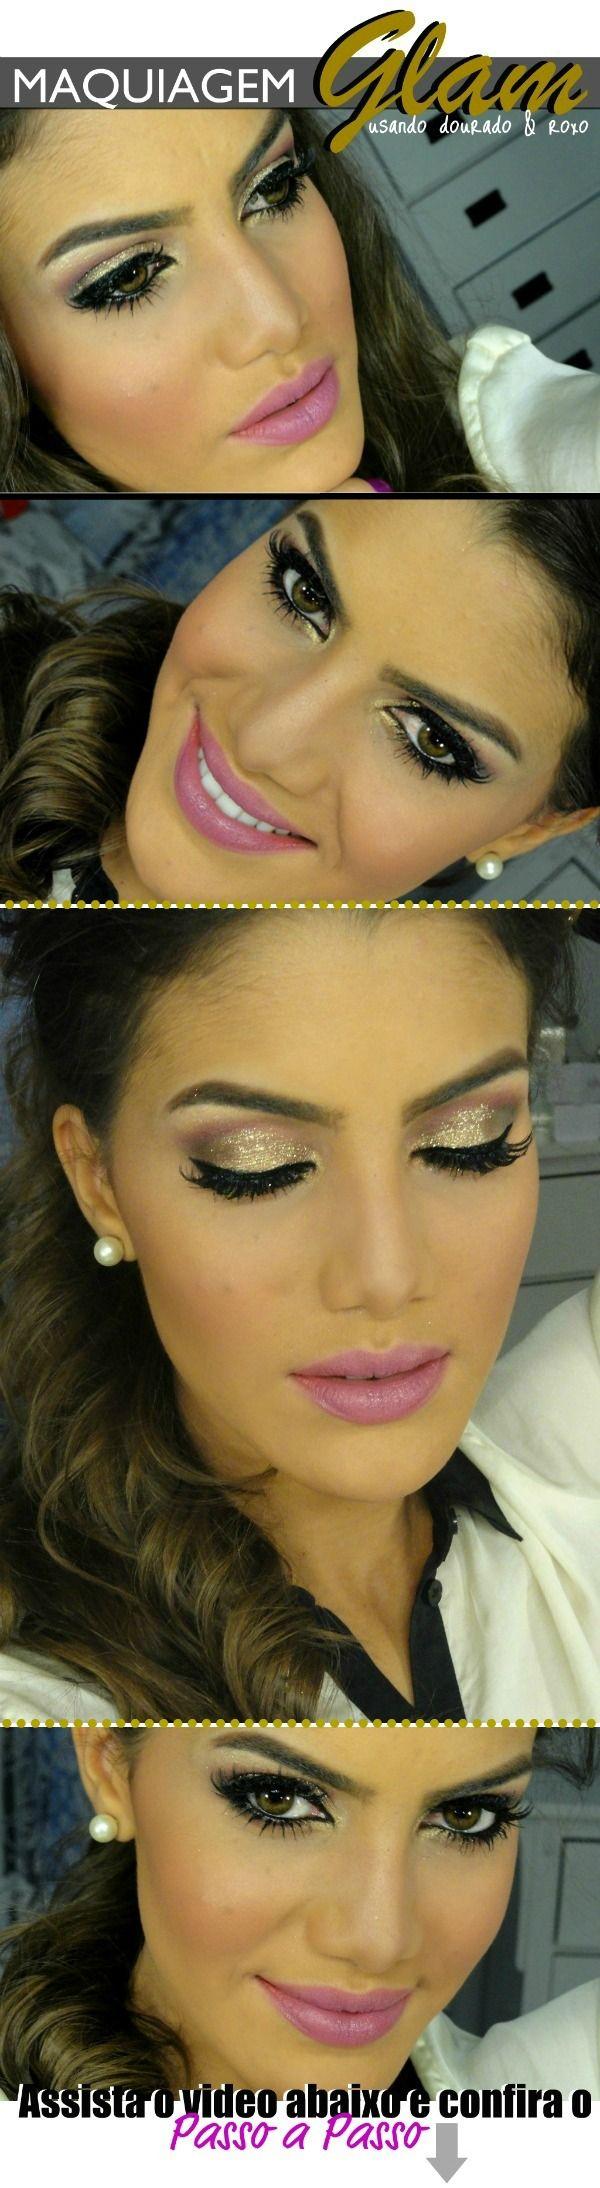 Make glam romântica! - http://supervaidosa.com/2012/03/30/maquiagem-glam-romantica/#